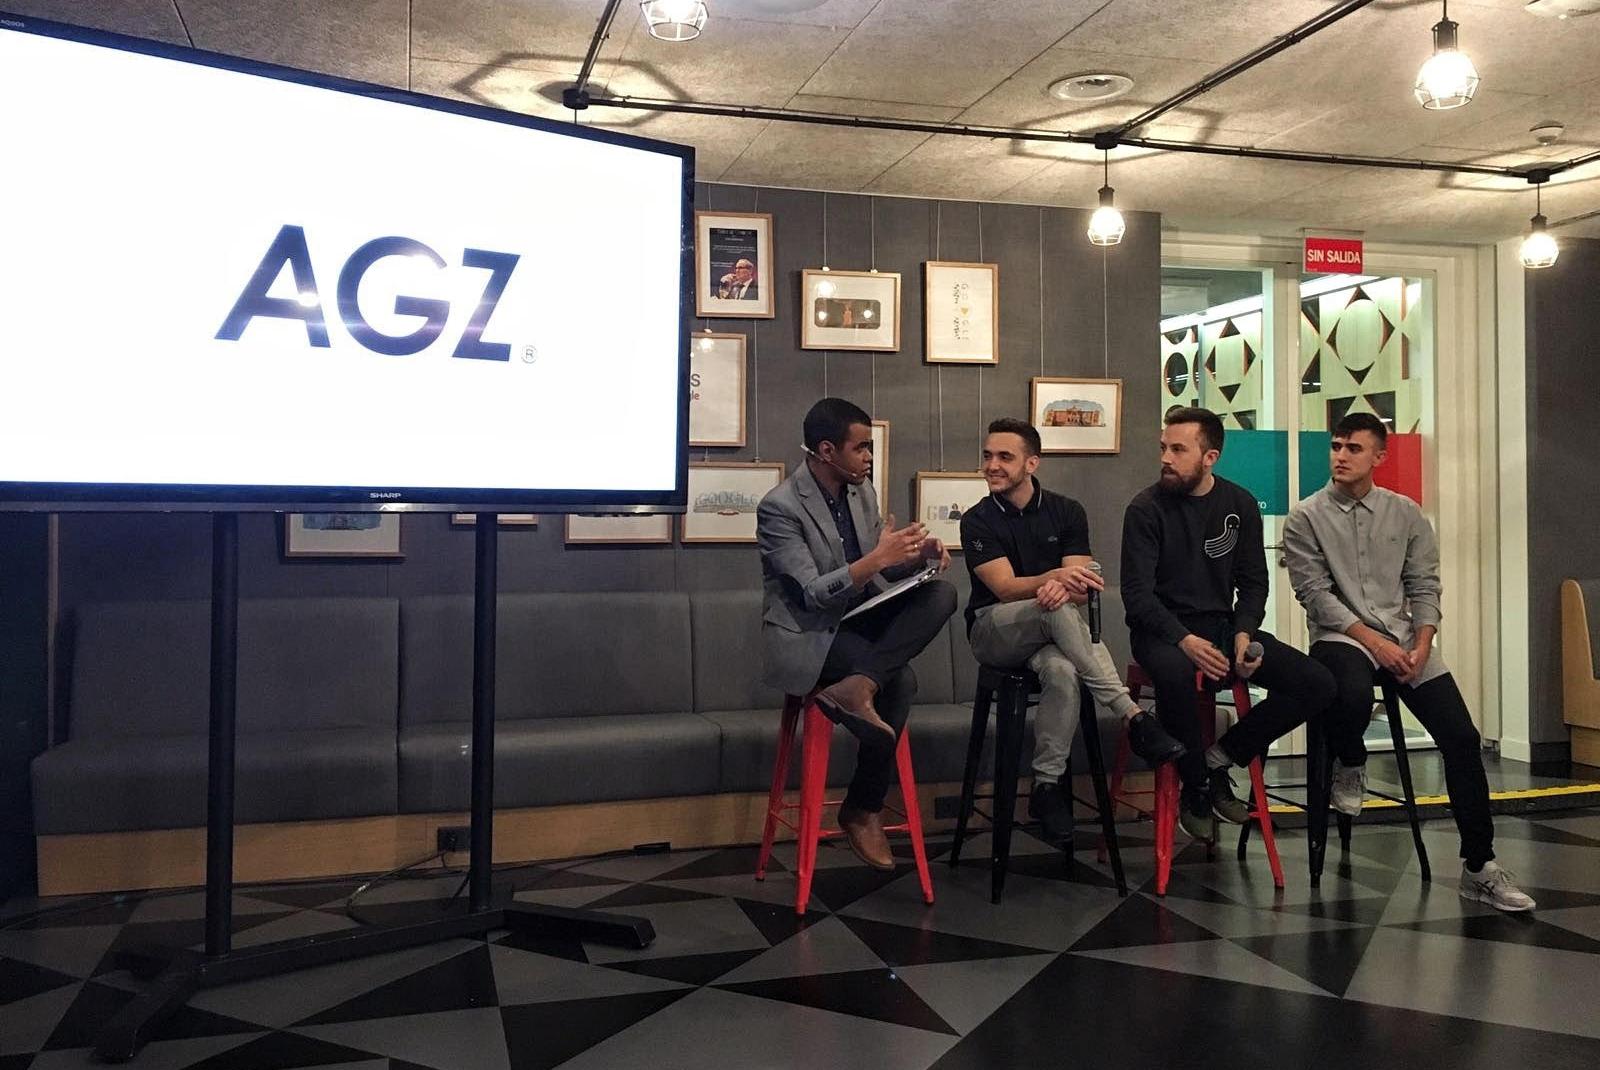 Arturo Paniagua presenta a Agorazein en YouTube Rewind 2016